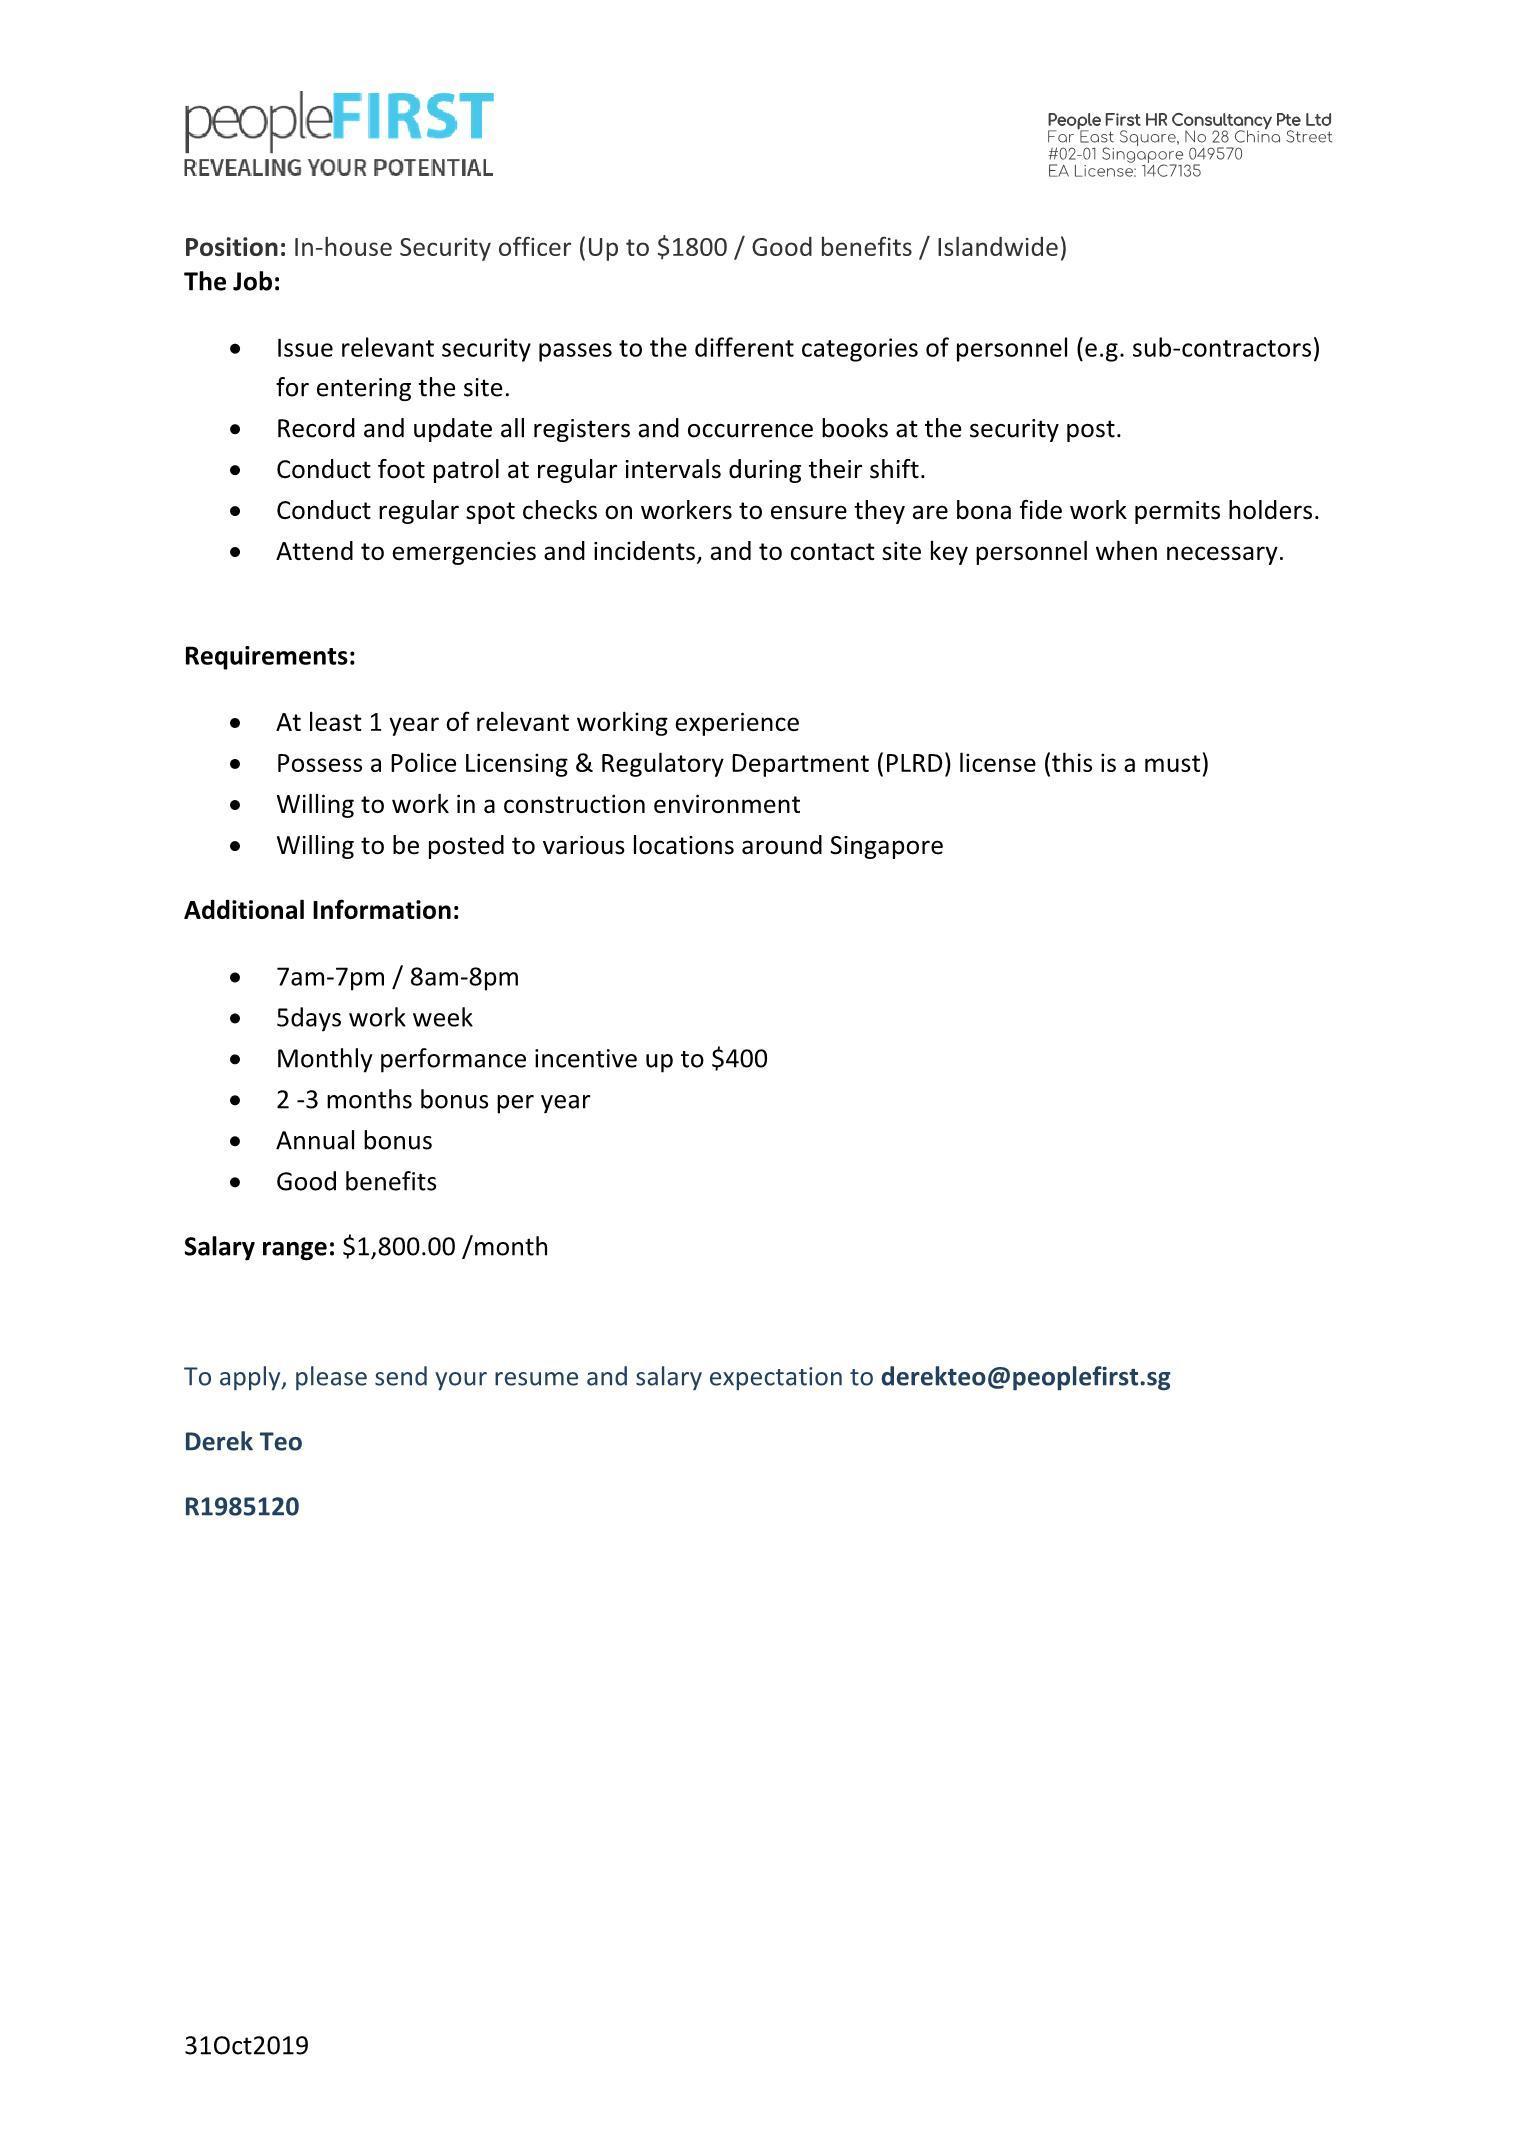 Inhouse Security (Basic up to $1500 / Islandwide )